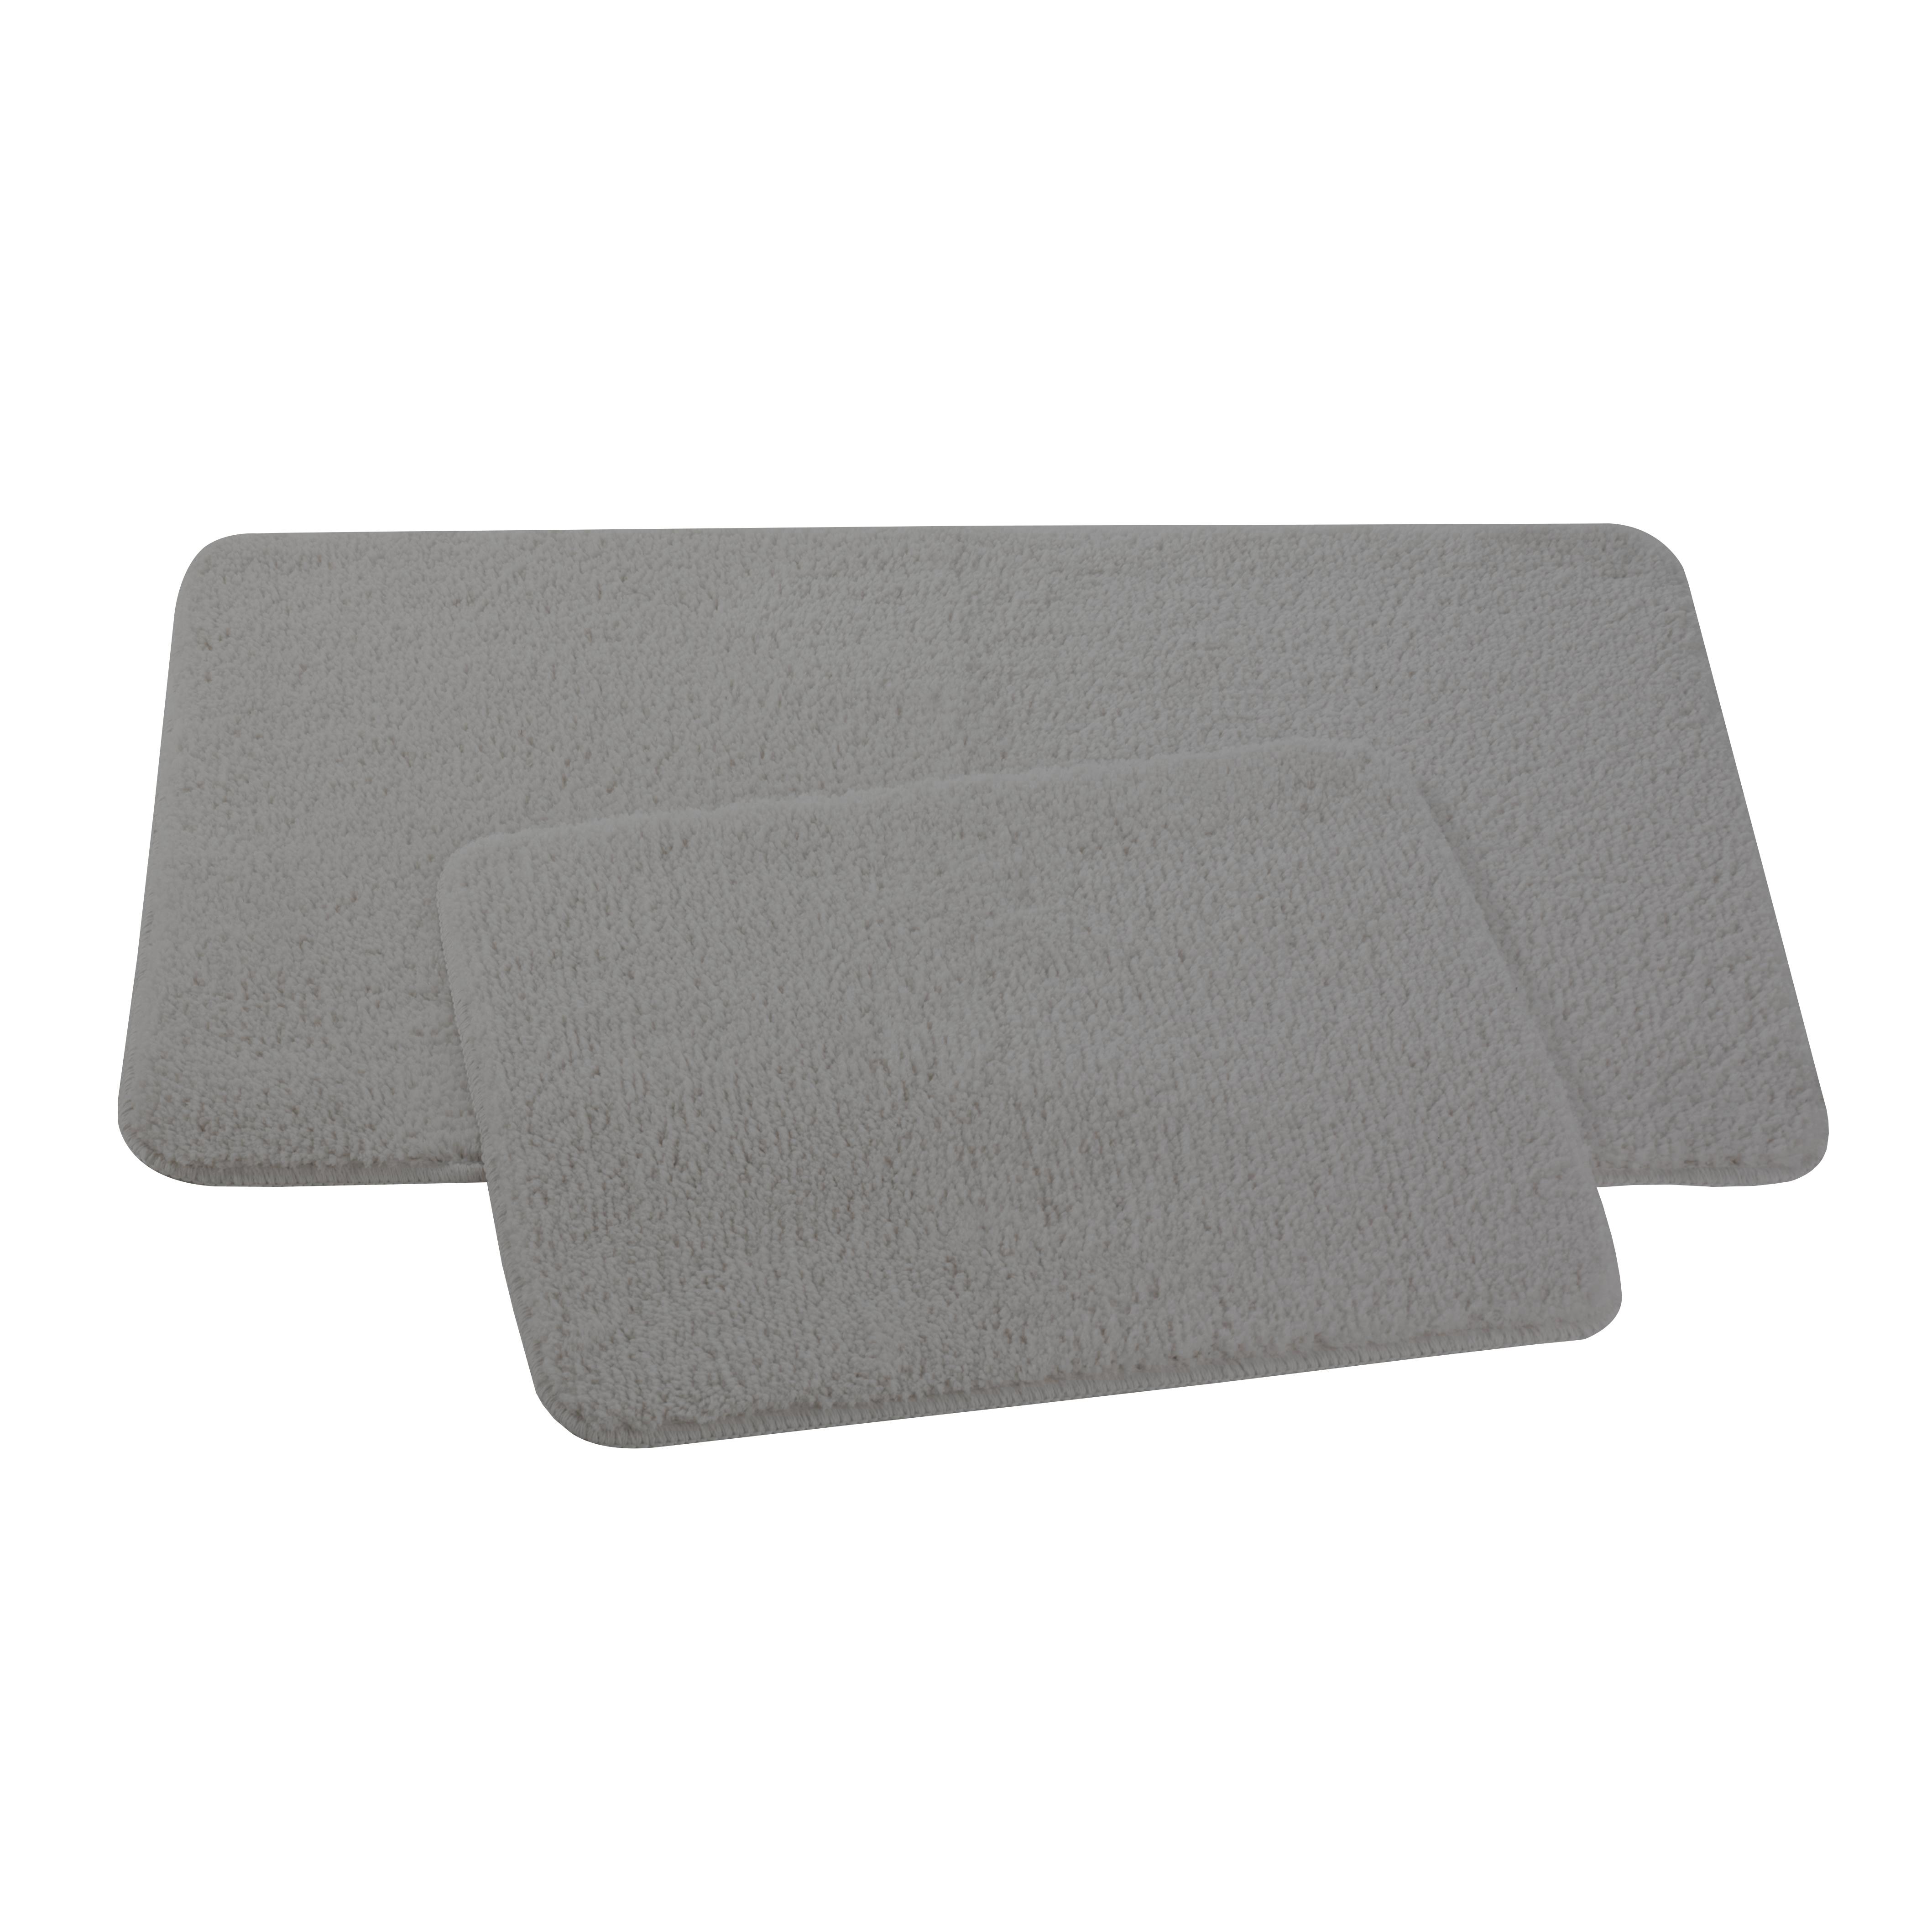 Набор ковриков для ванной и туалета Axentia, цвет: серый, 2 шт116132Набор Axentia, выполненный из микрофибры (100% полиэстер), состоит из двух стеганых ковриков для ванной комнаты и туалета. Противоскользящее основание изготовлено из термопластичной резины и подходит для полов с подогревом. Коврики мягкие и приятные на ощупь, отлично впитывают влагу и быстро сохнут. Высокая износостойкость ковриков и стойкость цвета позволит вам наслаждаться покупкой долгие годы. Можно стирать в стиральной машине. Размер ковриков: 50 х 80 см; 50 х 40 см. Высота ворса 1,5 см.